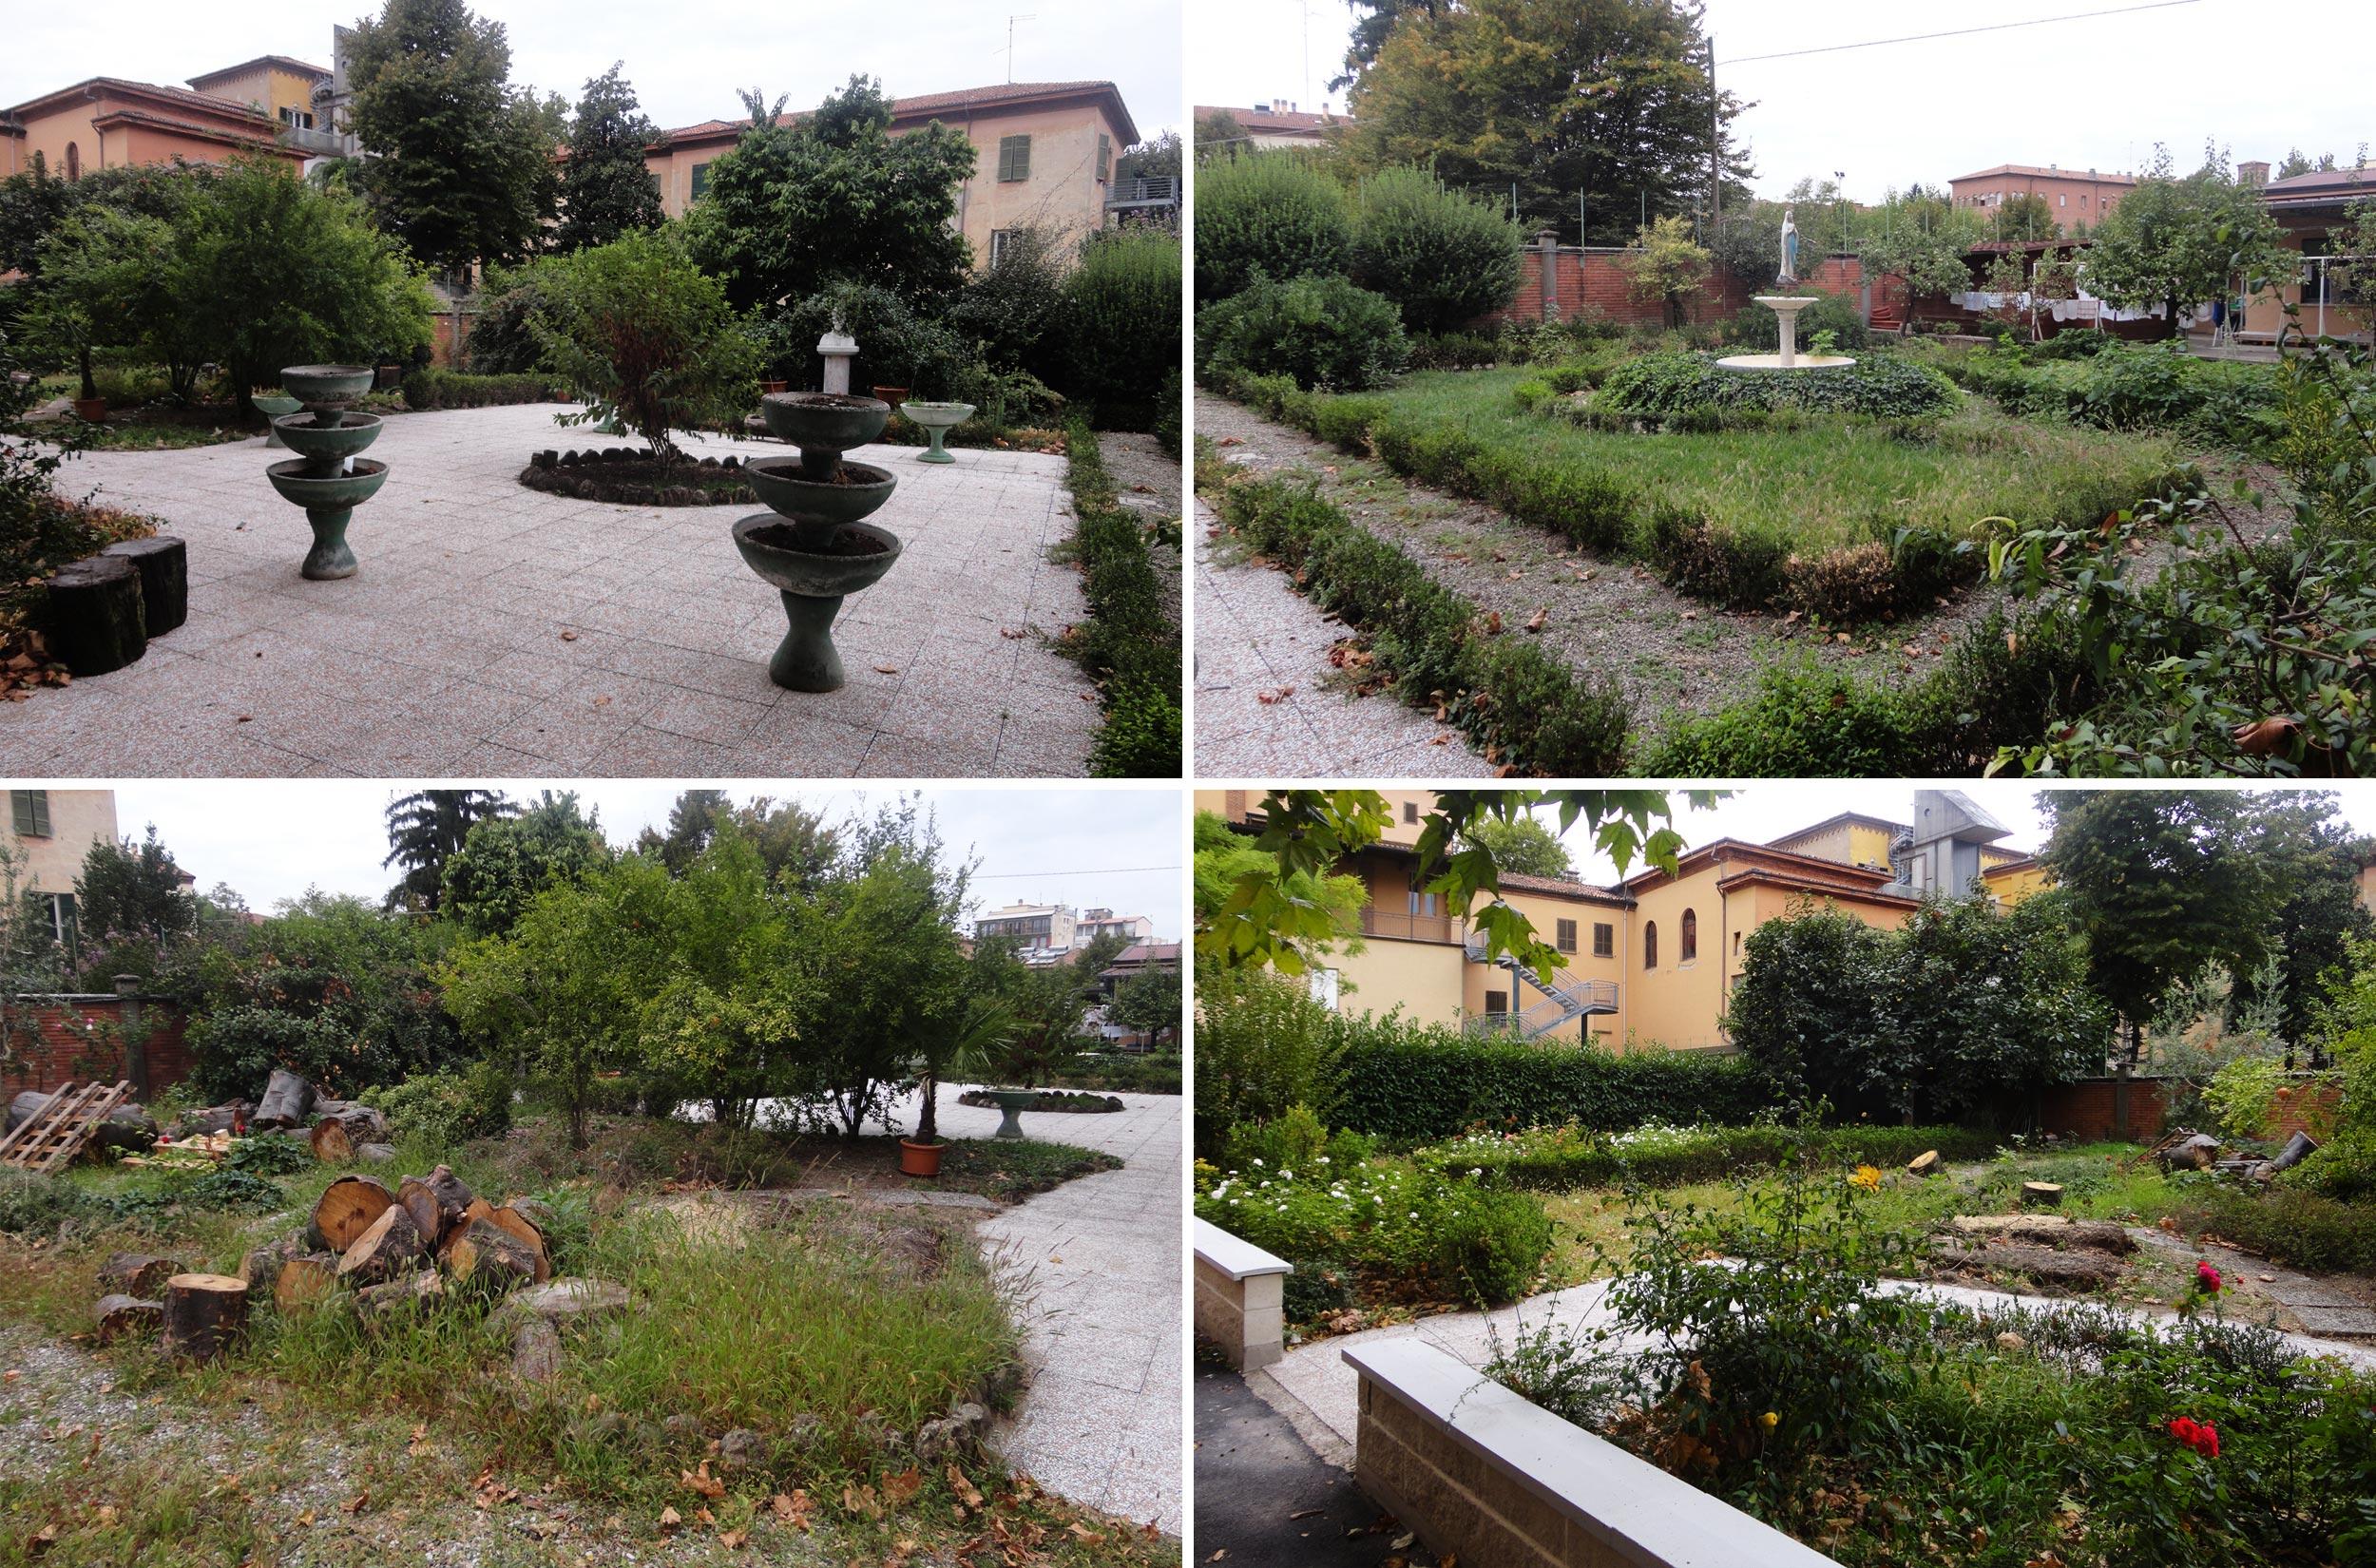 Sistemazione del giardino di pertinenza di un convento nel for Sistemazione giardino